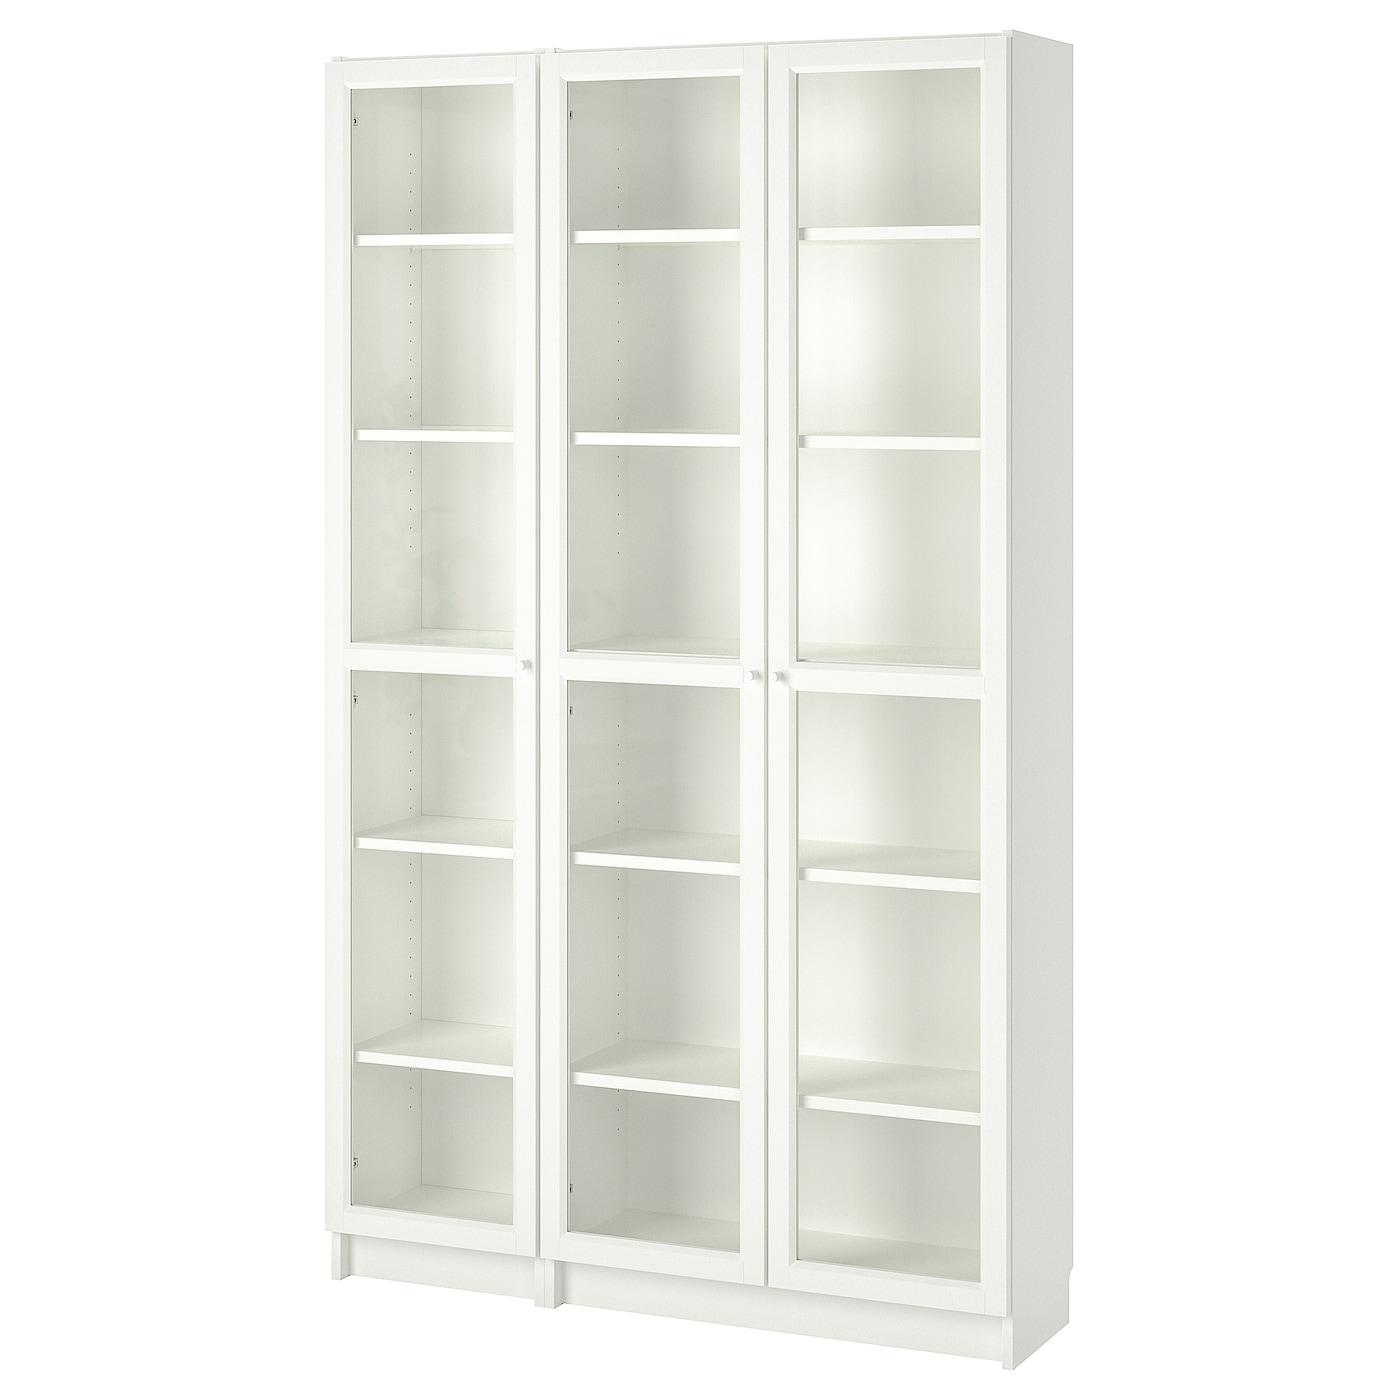 IKEA BILLY / OXBERG Witryna, biały, 120x30x202 cm